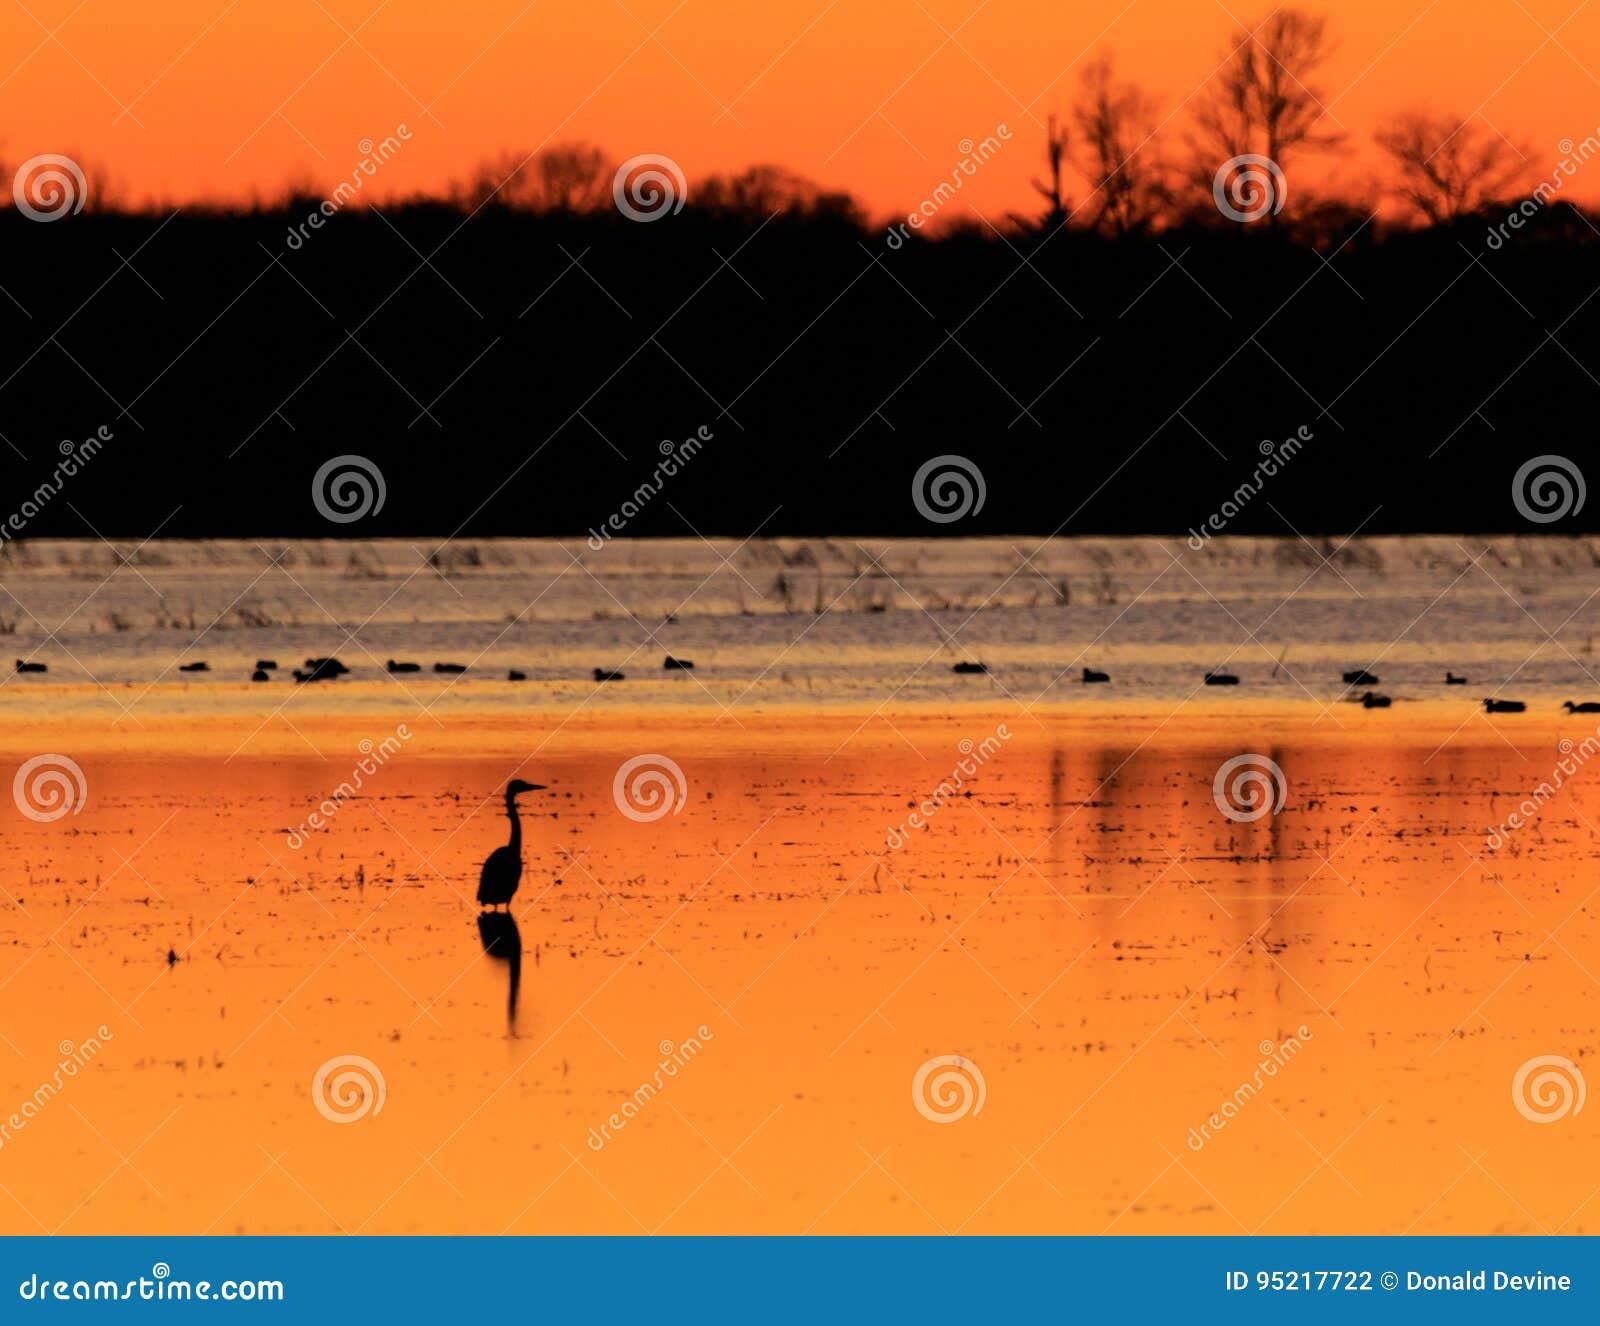 Grote Blauwe Reiger met eenden op de achtergrond die zich in overstroomd padieveld bevinden dat zoals jachtgebied tijdens eendsei